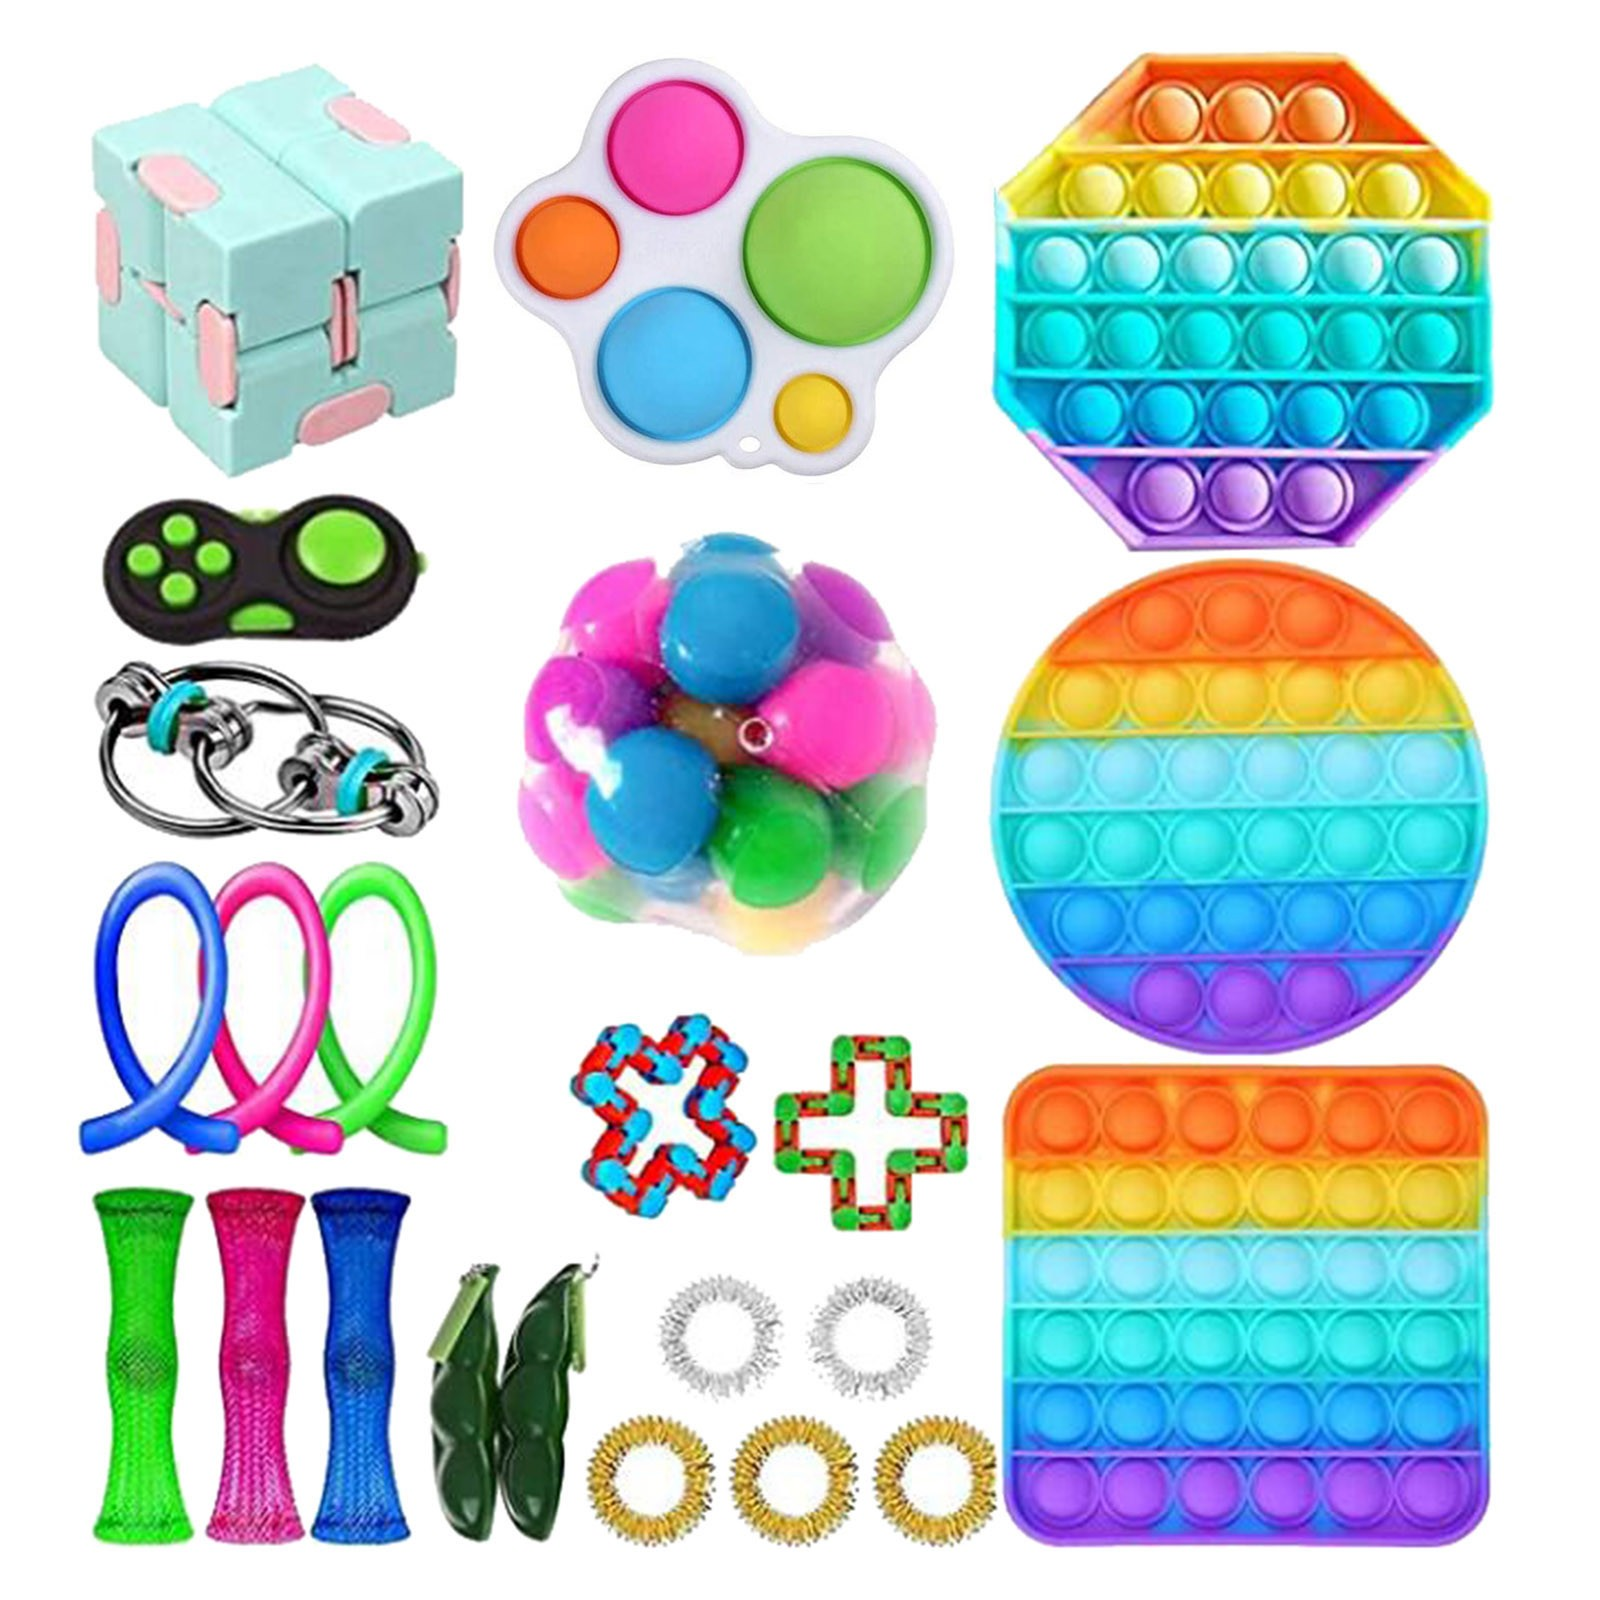 50 видов беспокойная игрушка по дешевым ценам сенсорная Непоседа упаковка игрушек для детей и взрослых надувные игрушки fidjets упаковка игруш...